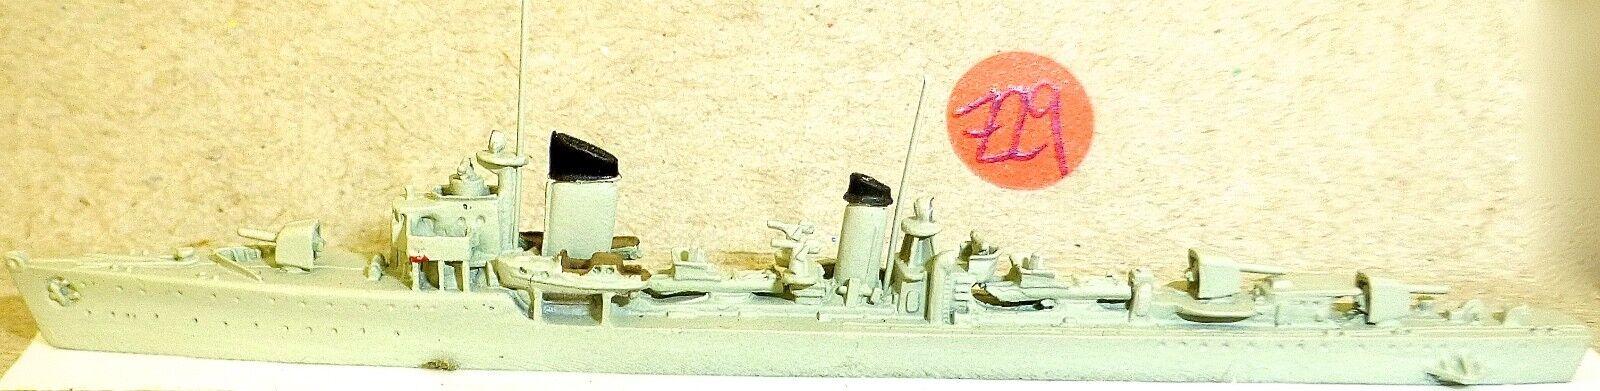 Rt Cl. Torpediniere 1938 Neptun N 1069a Modello Barca 1 1250 SHPZ29 Å